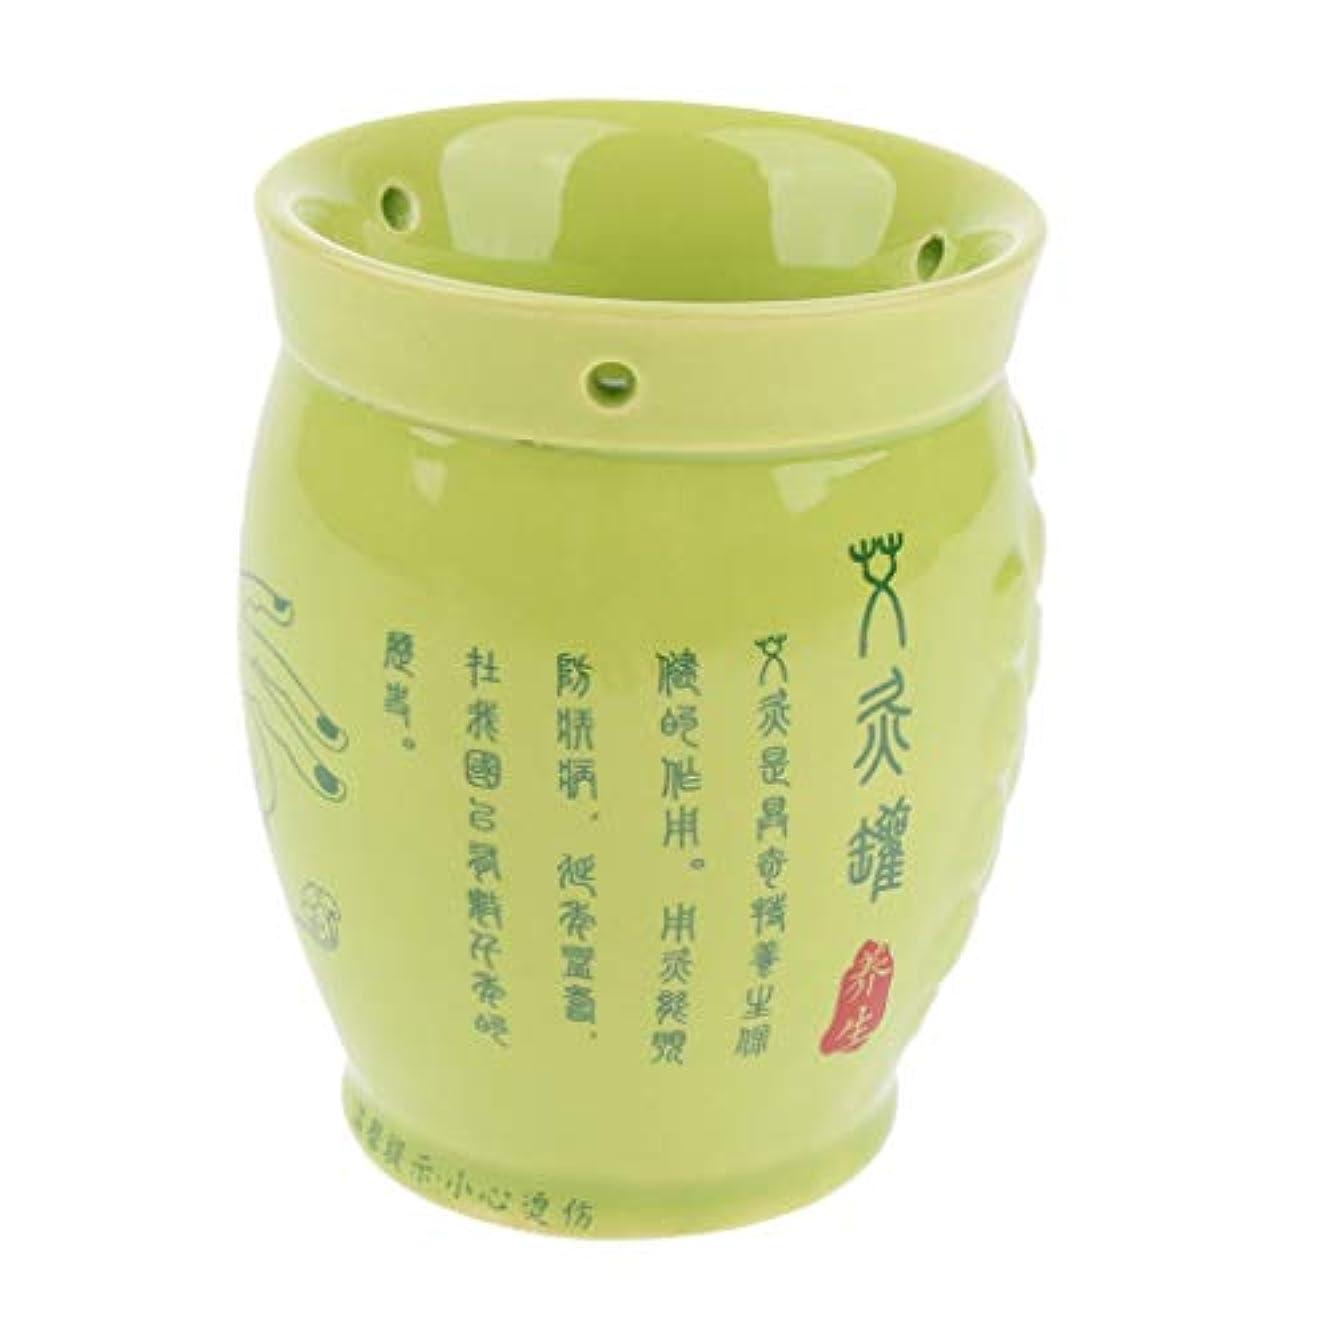 創造紛争可能sharprepublic 全身マッサージ カッピングカップ 缶 ポット お灸 中国式 セラミック リラックス 男女兼用